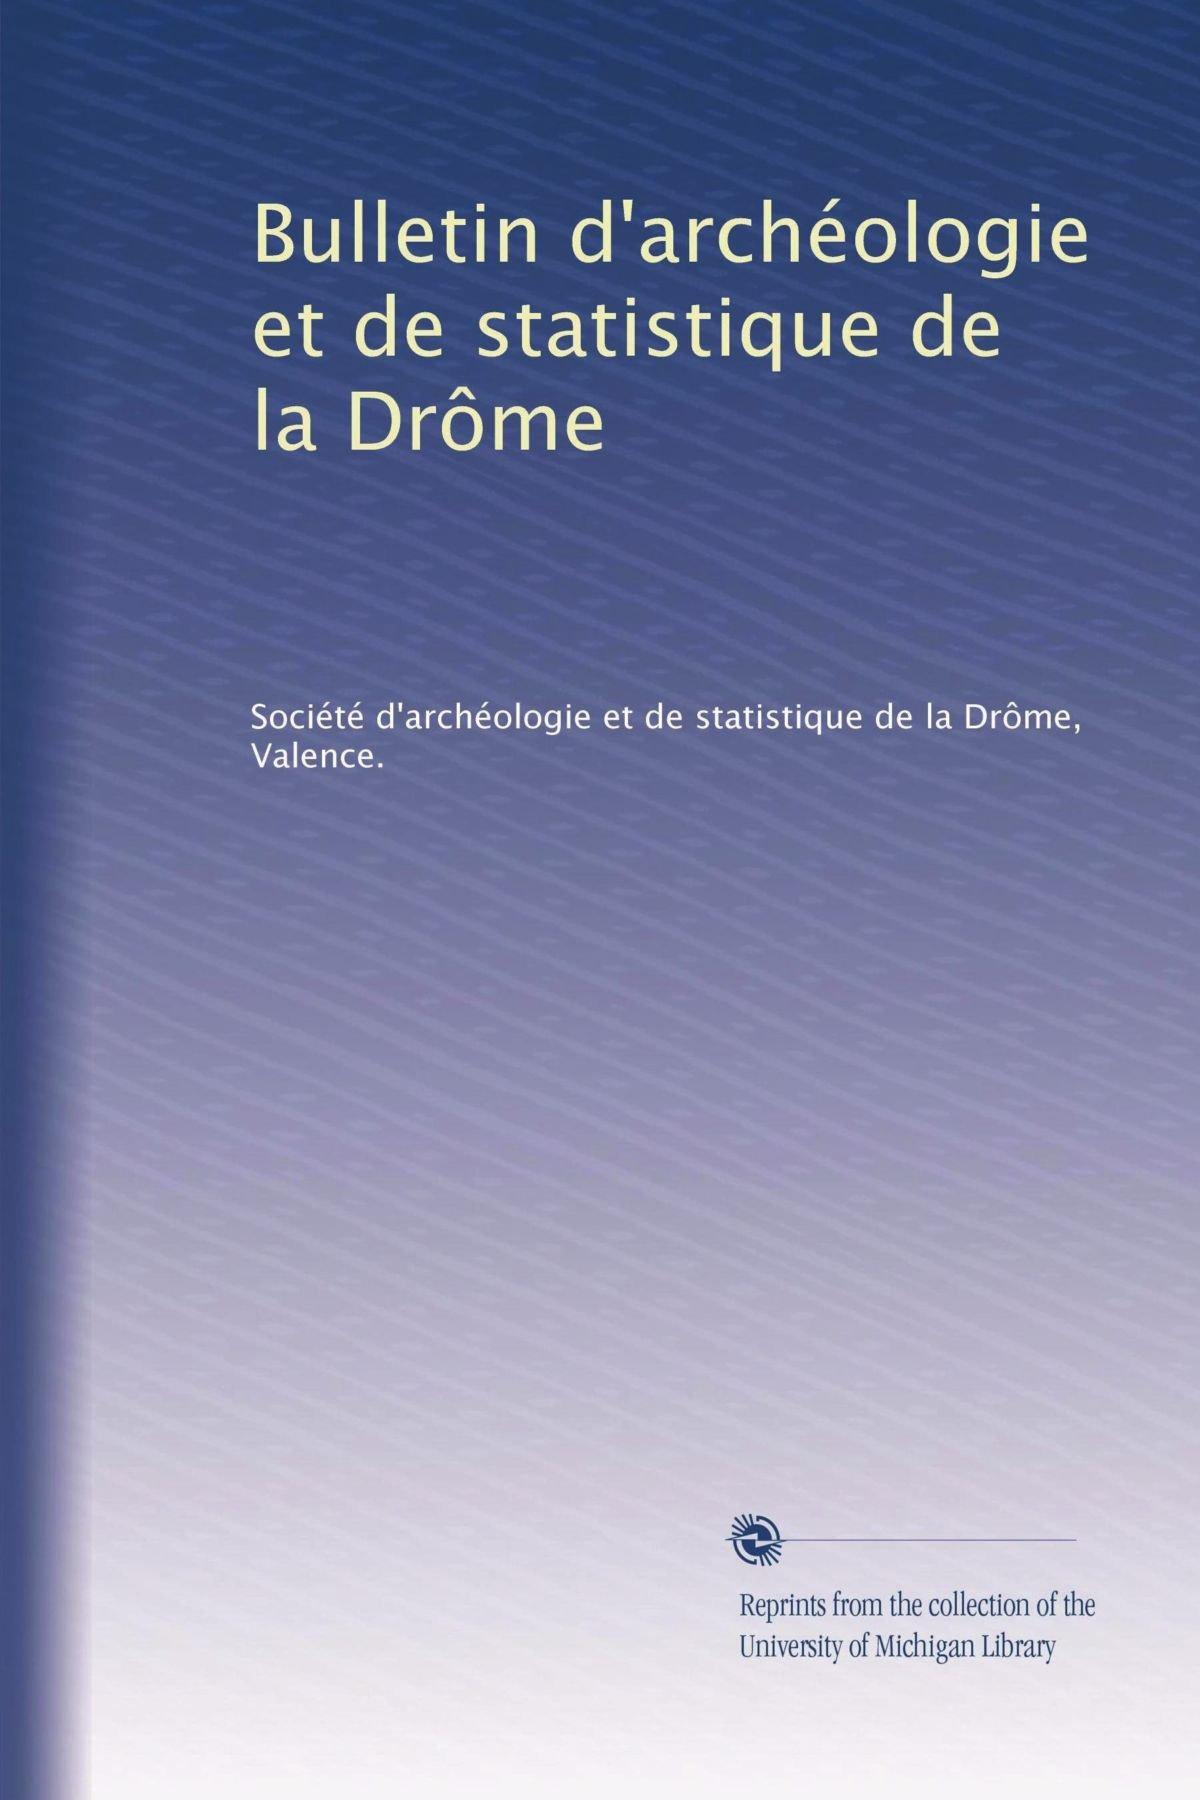 Read Online Bulletin d'archéologie et de statistique de la Drôme (Volume 38) (French Edition) ebook